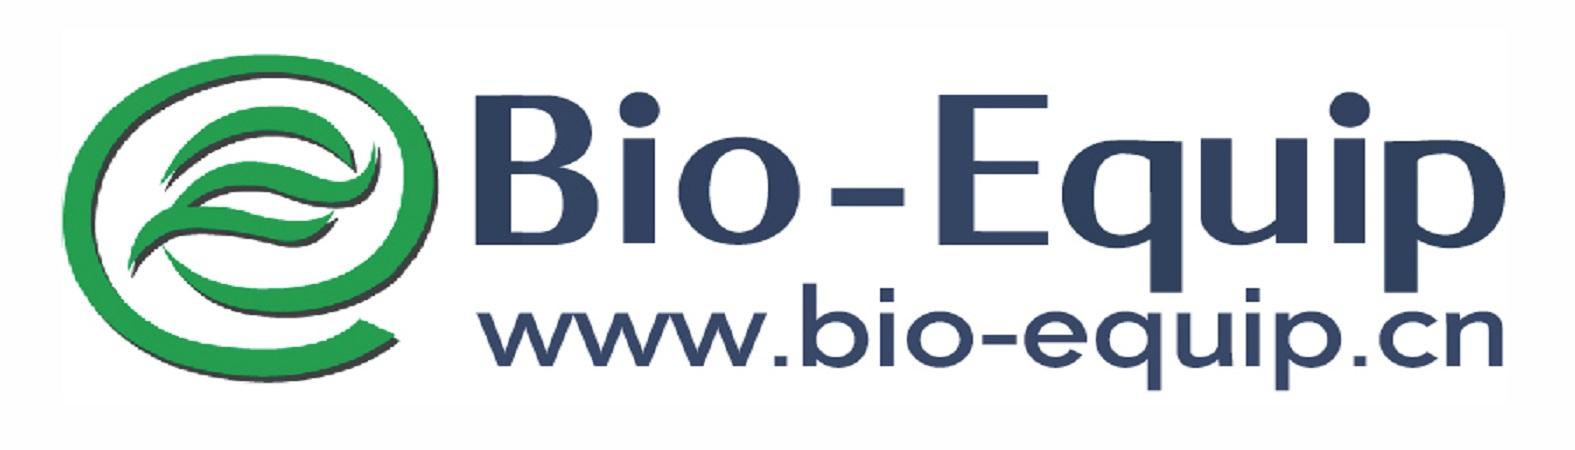 Aqua 2020(Bio-Equip)